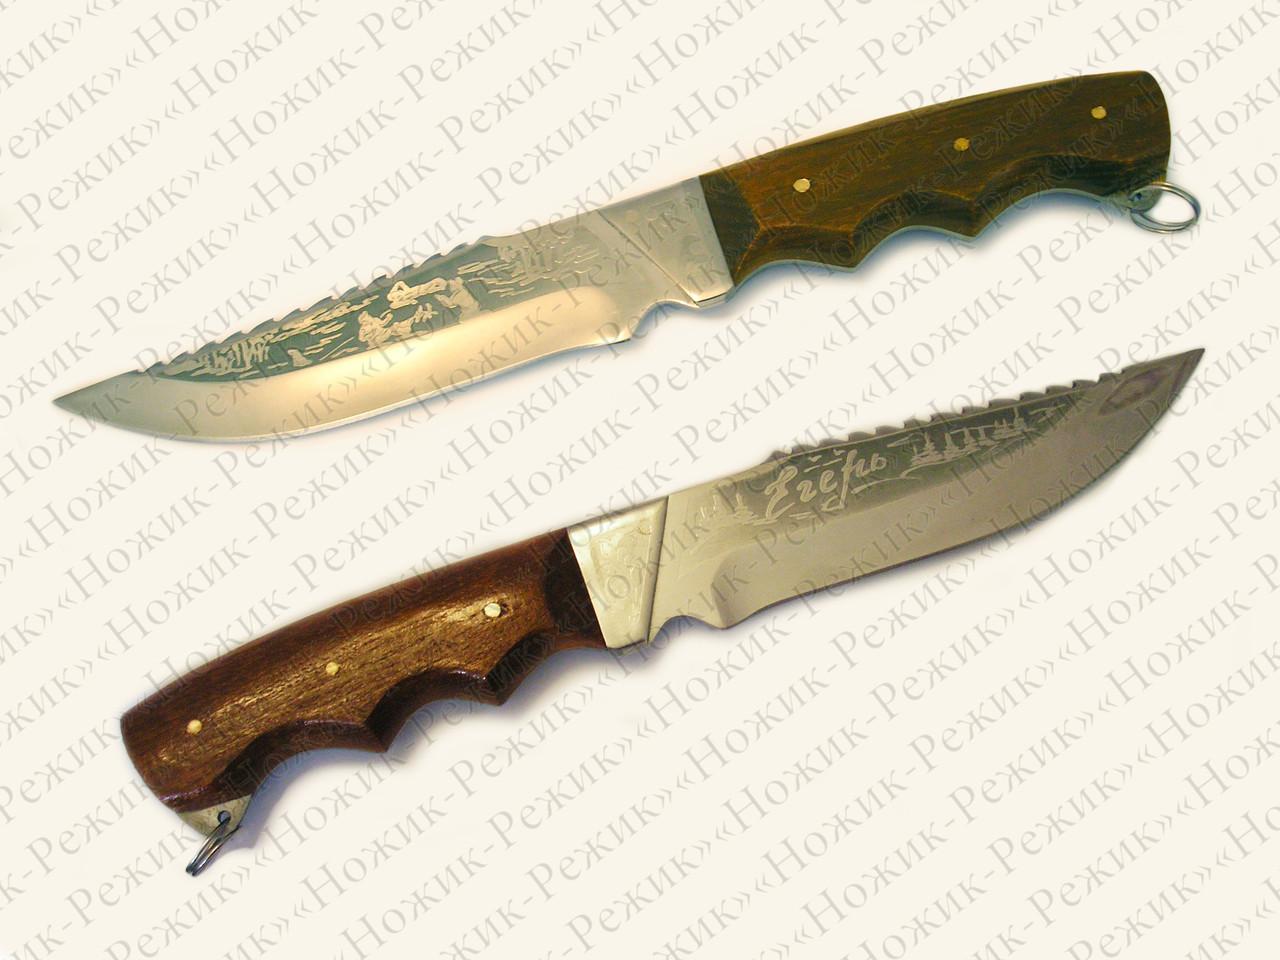 Куплю охотничий нож кабан волк в константиновка украина складной нож benchmade 580 купить